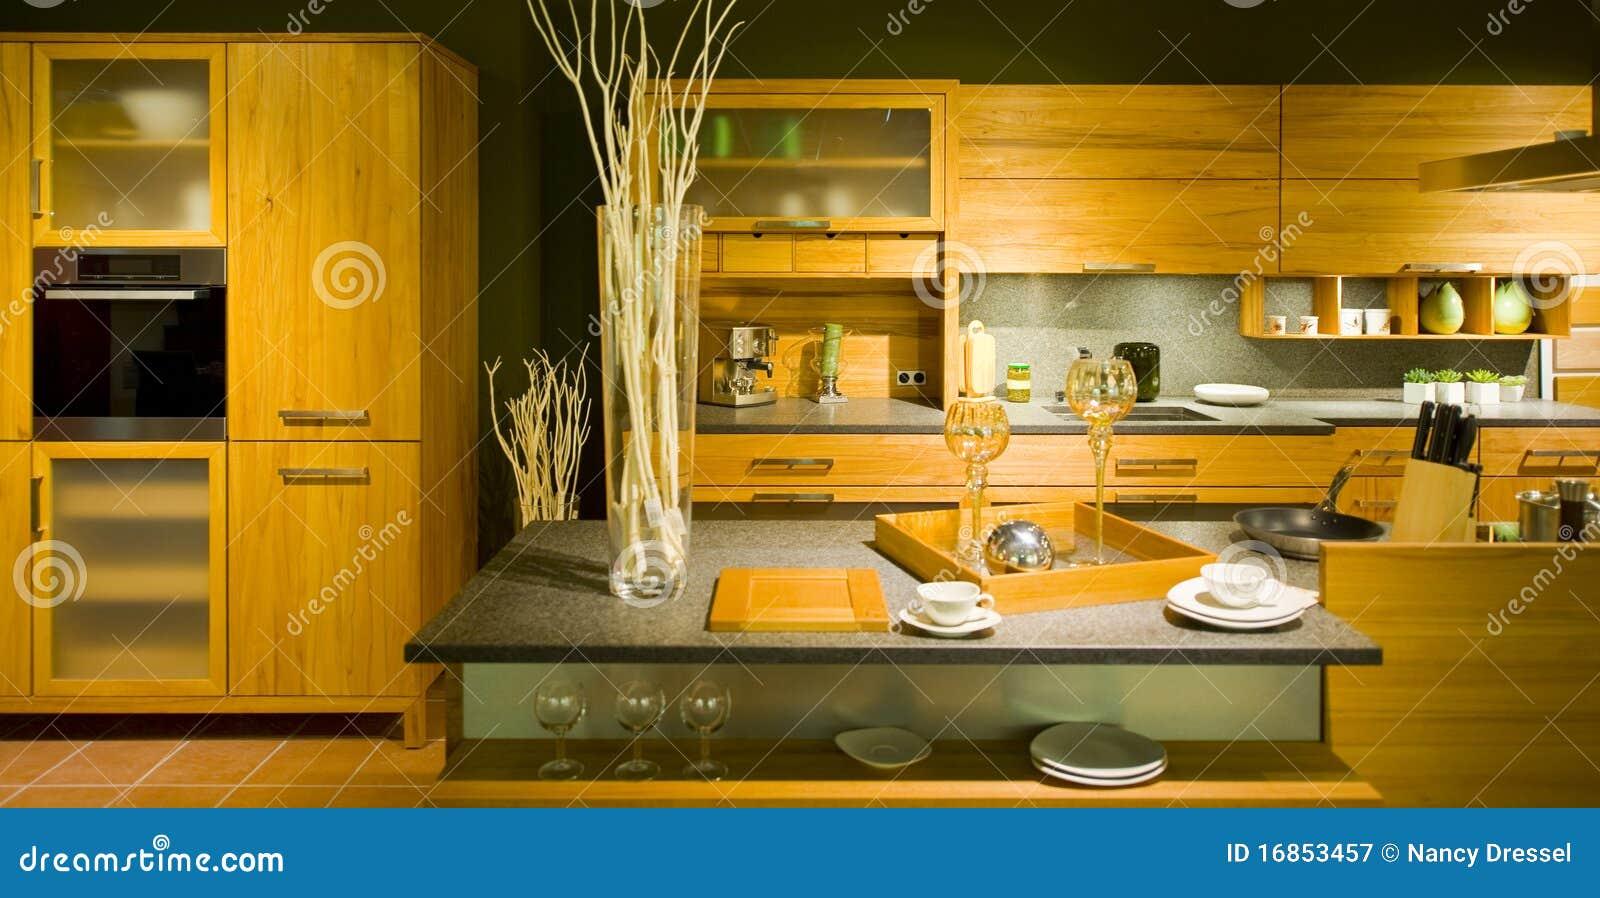 Chelle moderne neuve 20 de cuisine photographie stock for Echelle de cuisine